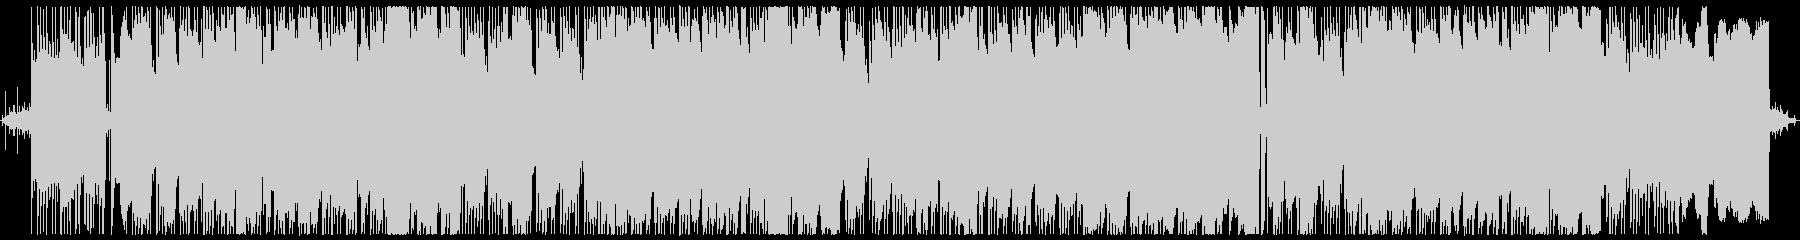 ノクターン第2番・ボサノバアレンジ1の未再生の波形